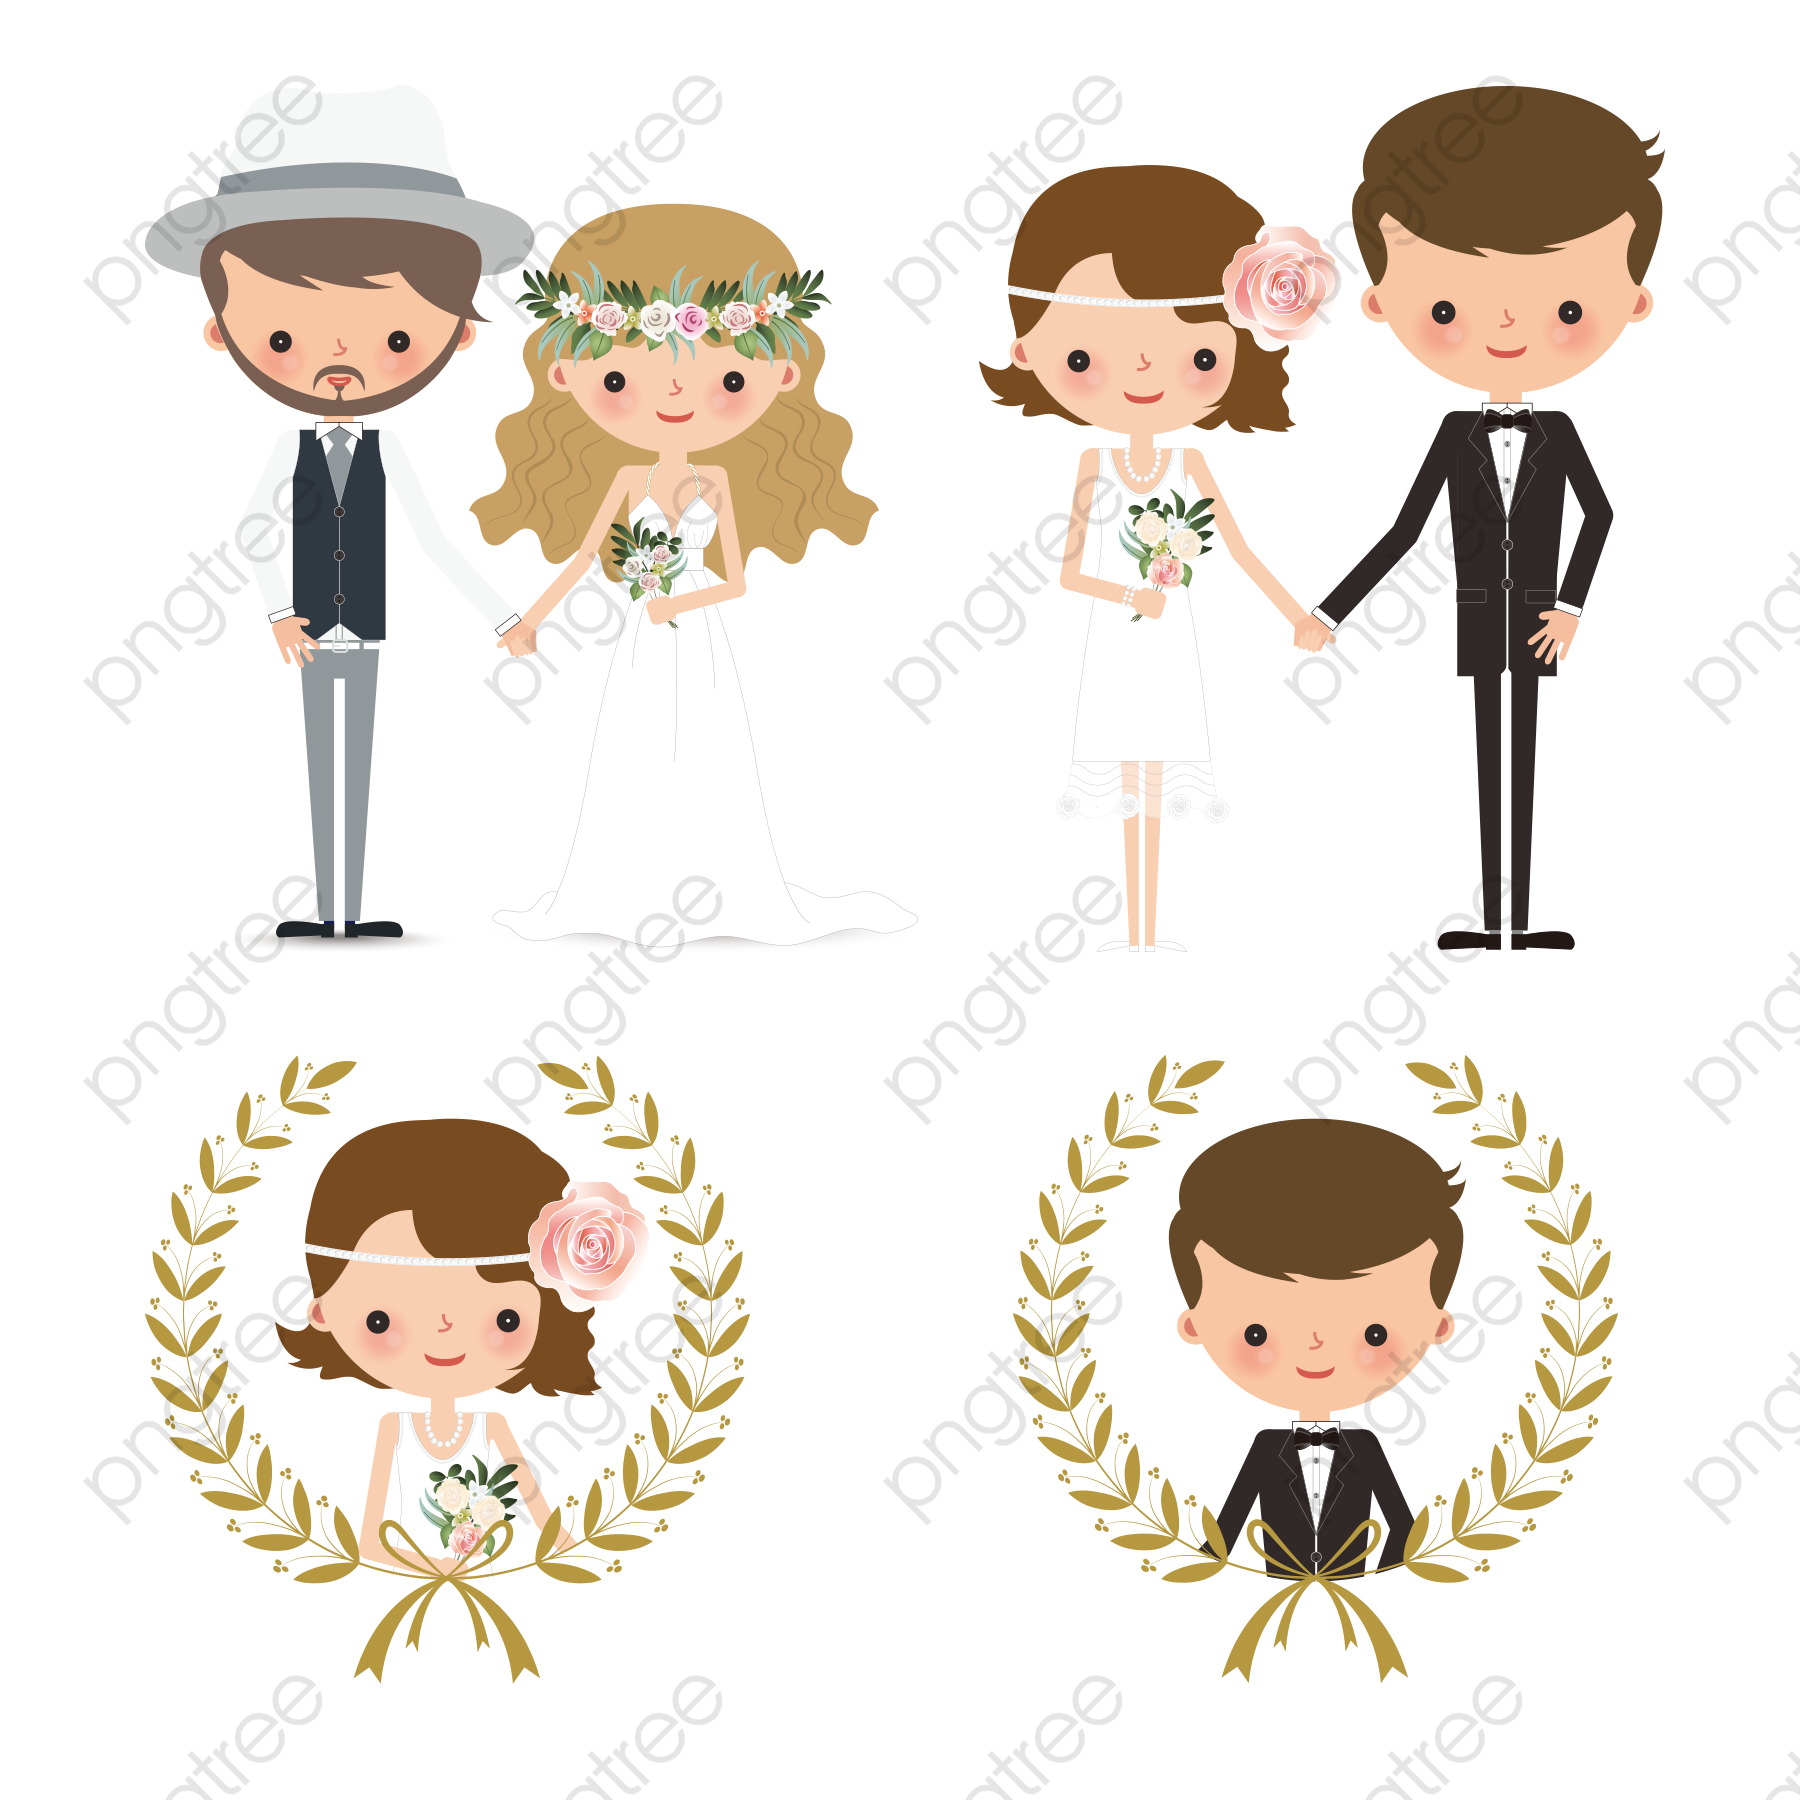 Creative Wedding Couple Figures, Wedding Clipart, Character.